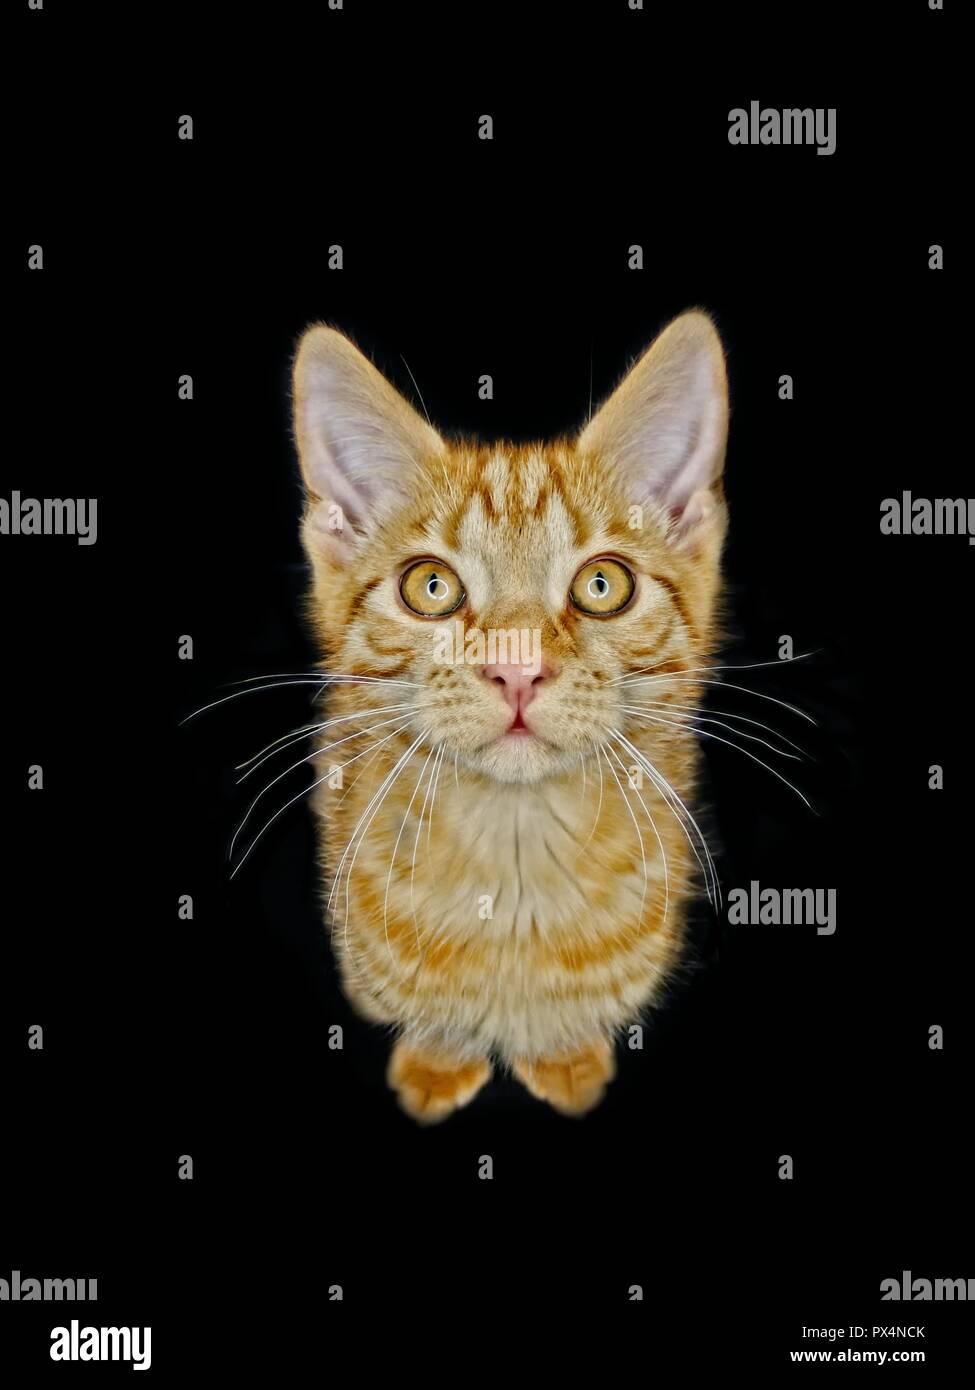 Drôle ginger kitten à curieux jusqu'à l'appareil photo. Isolé sur fond noir. Photo Stock